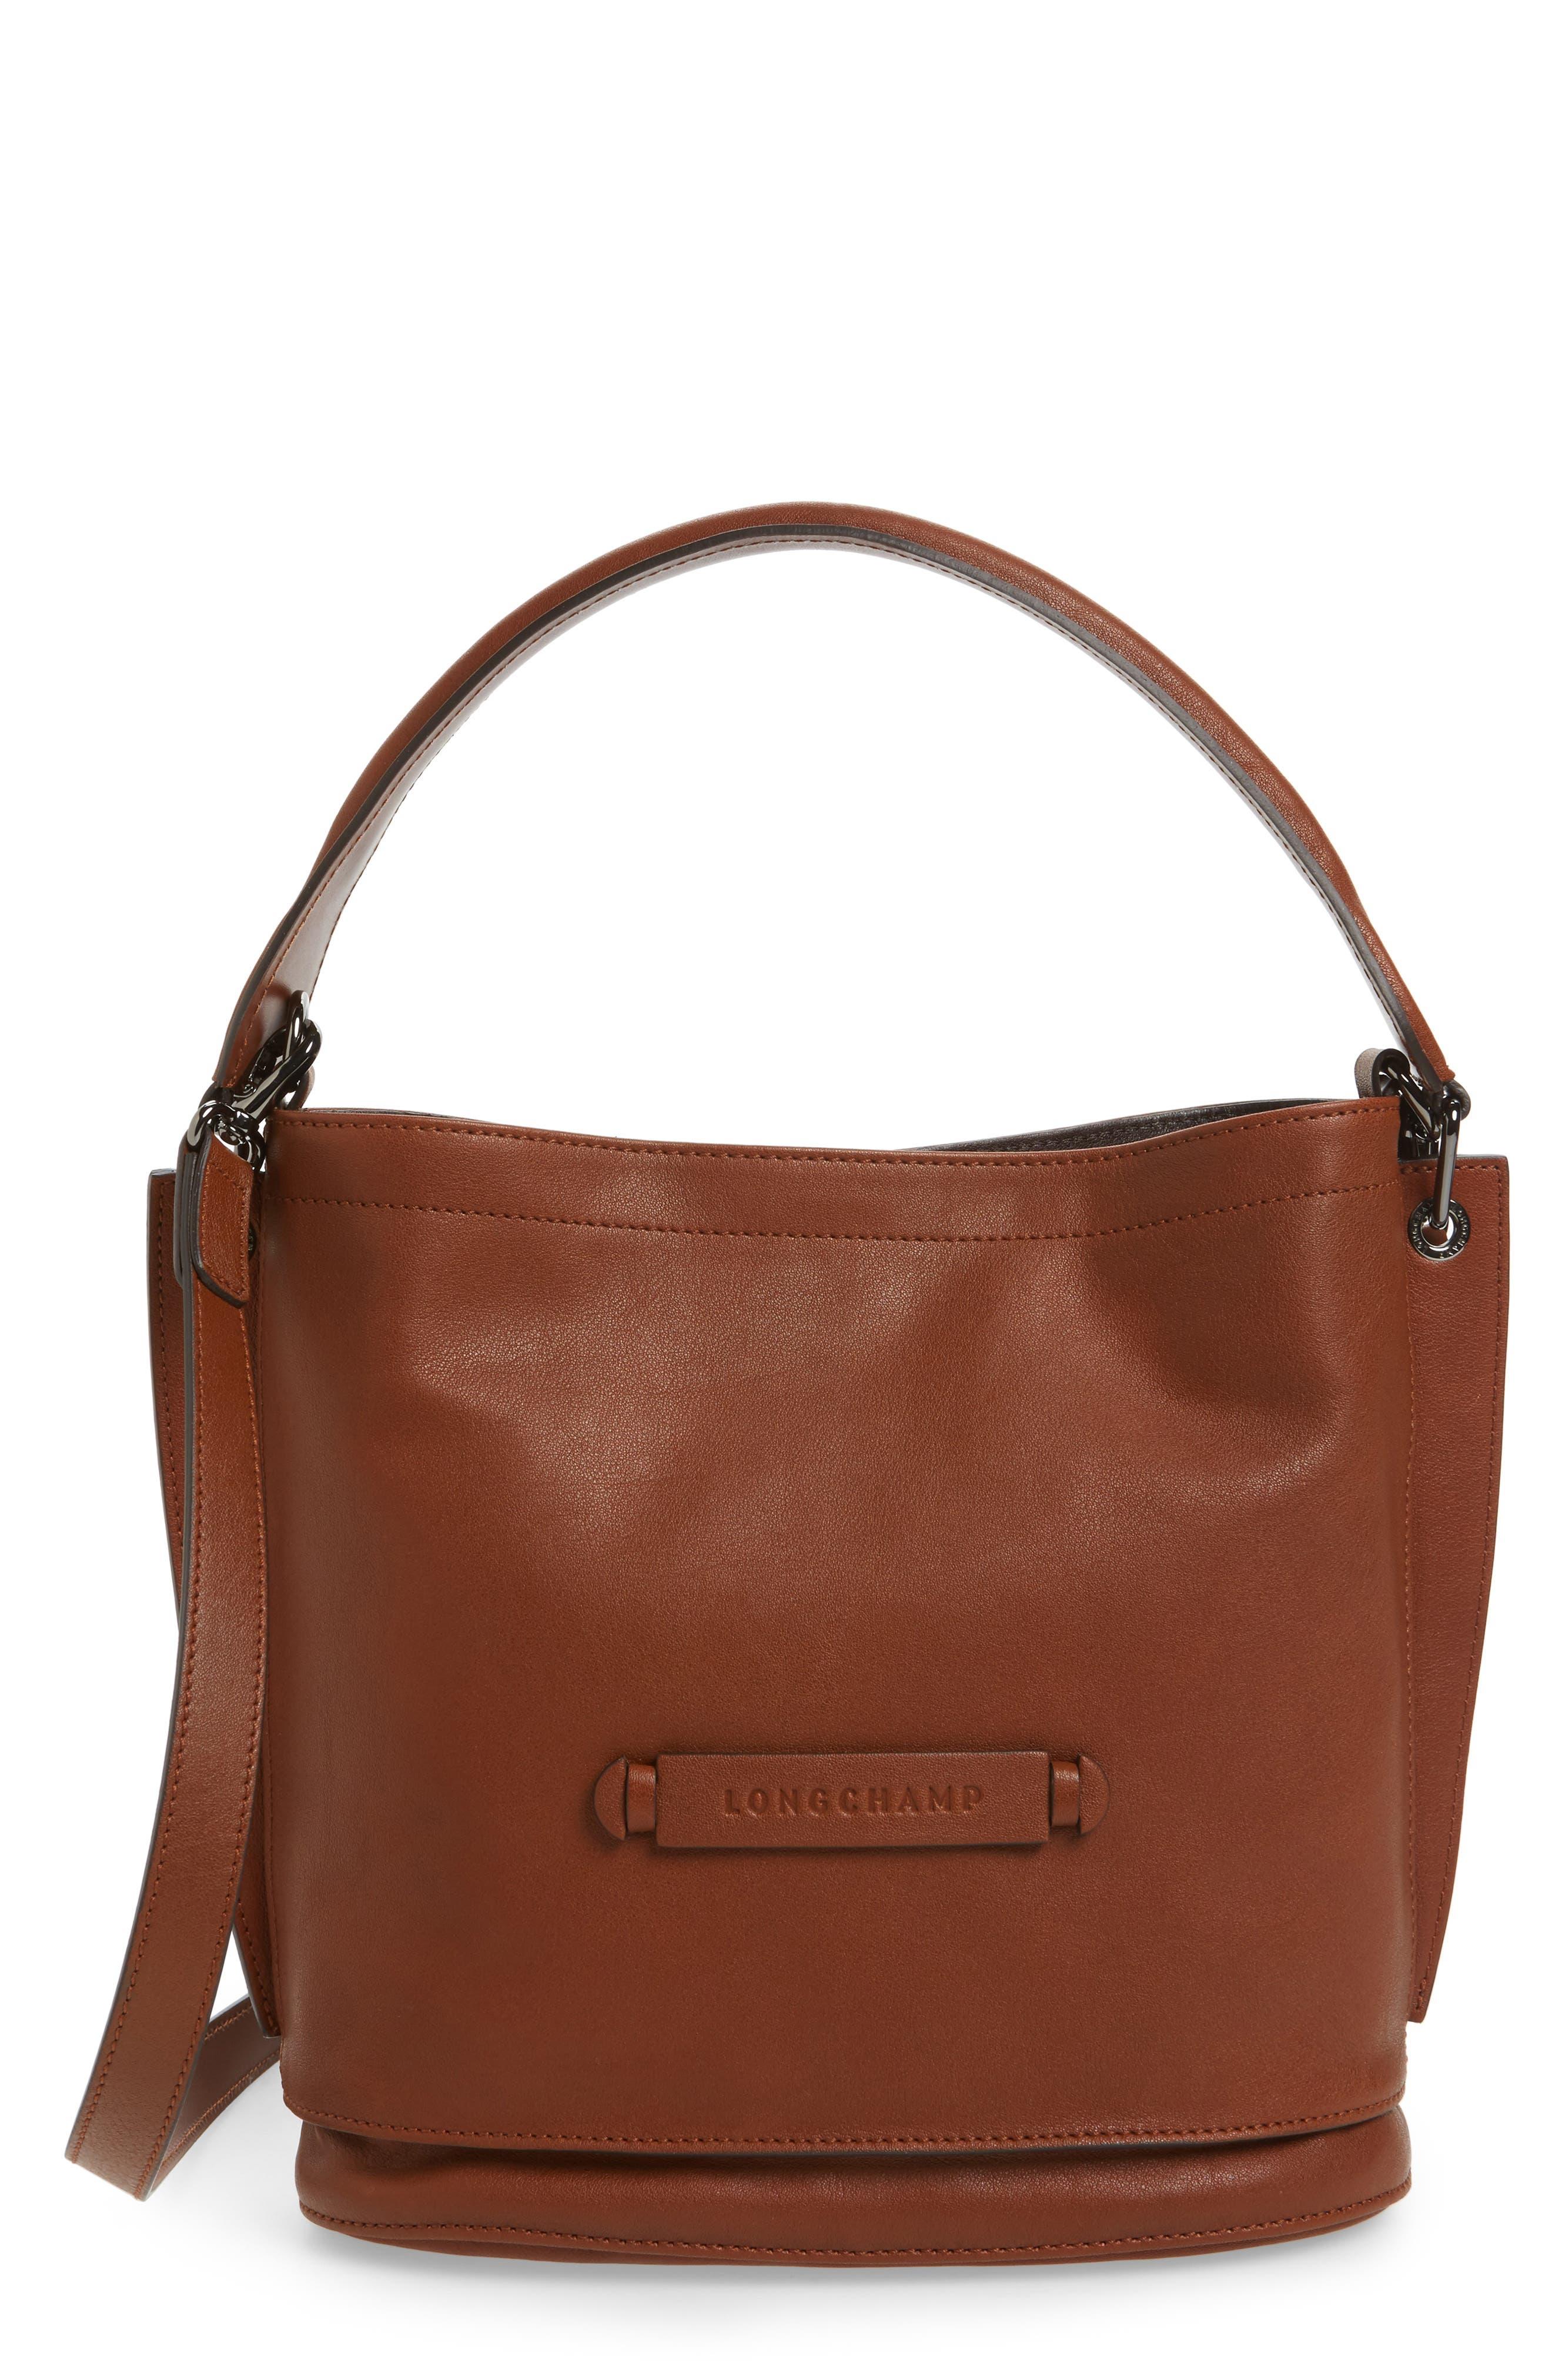 3D Leather Bucket Bag,                         Main,                         color, COGNAC